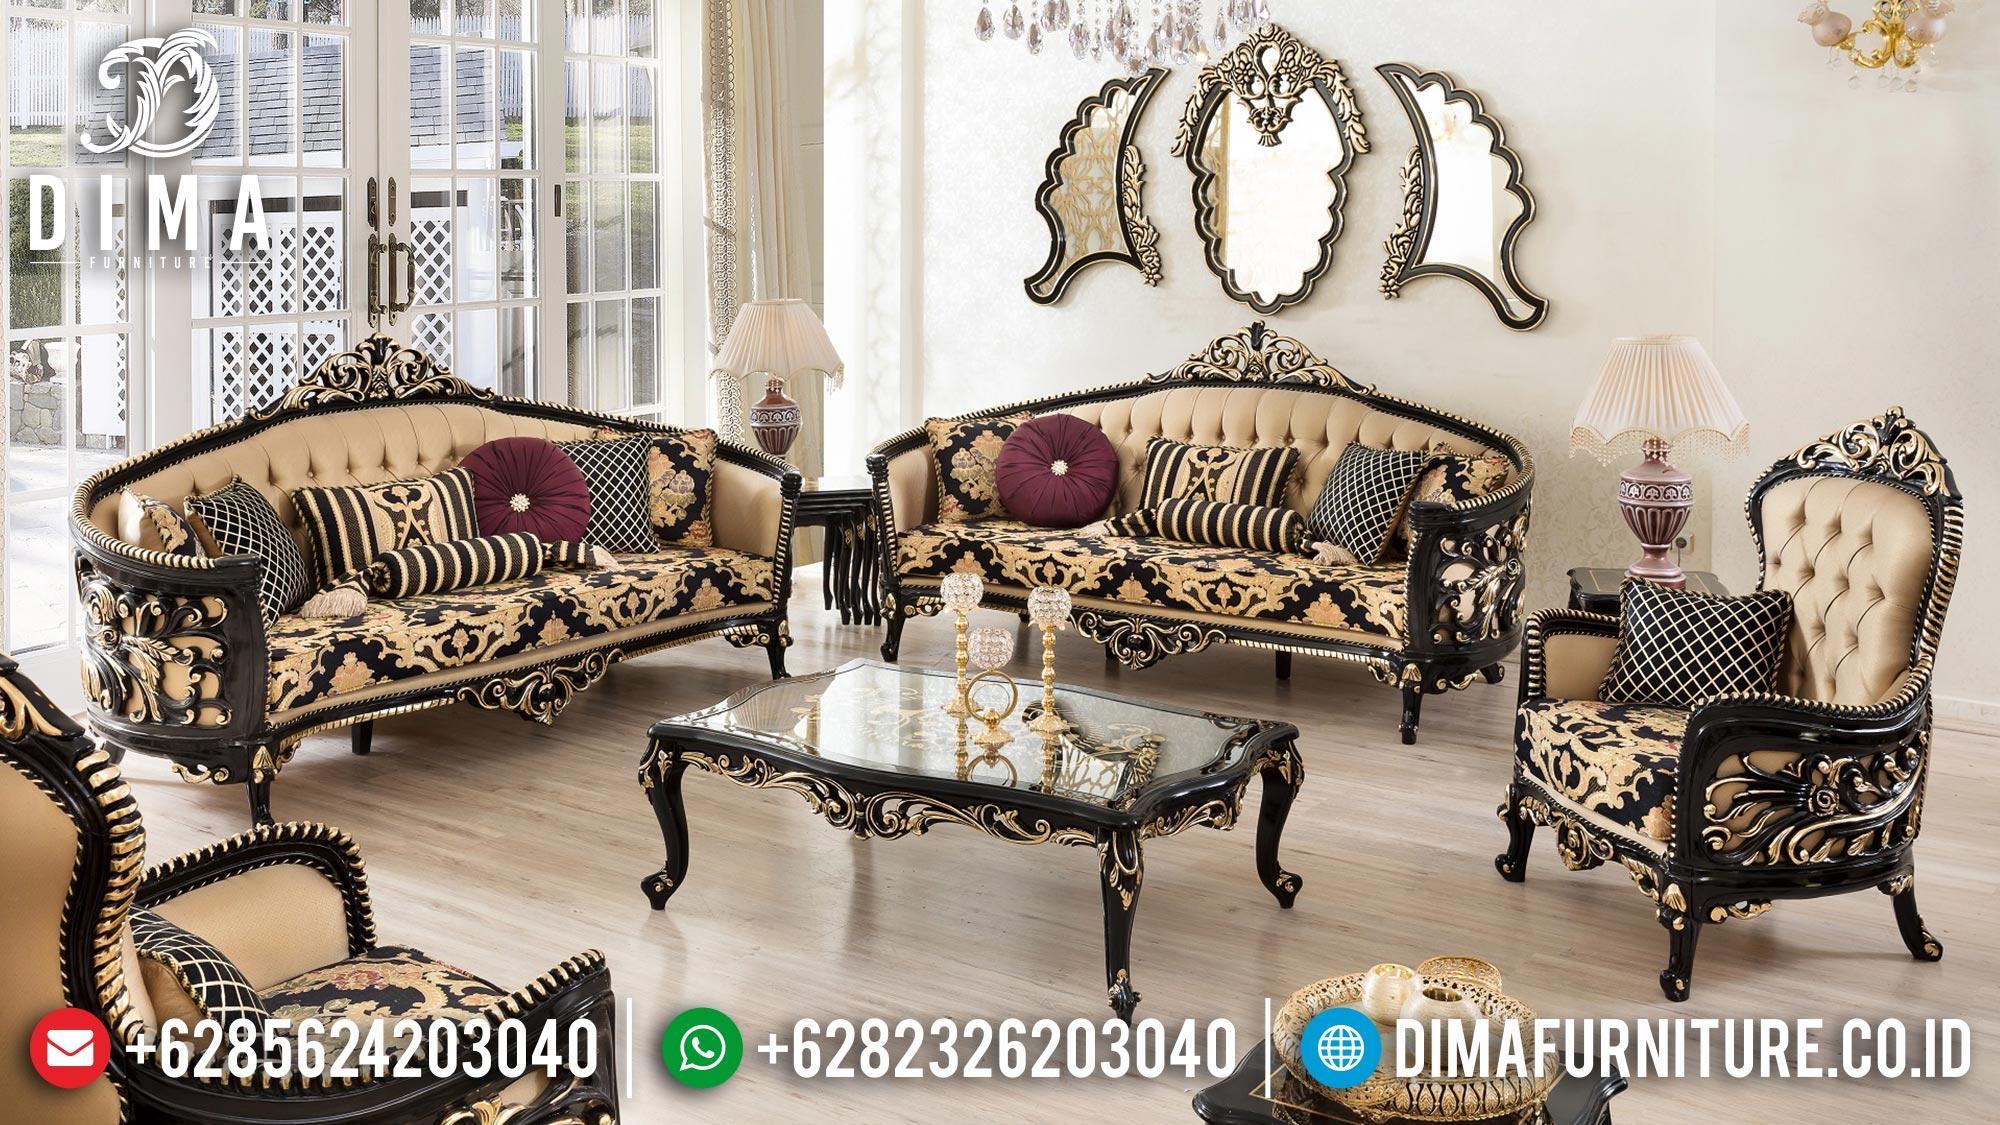 Desain Sofa Ruang Tamu Mewah Luxury Duco Glossy Elegant Style Furniture Jepara Mm-0961